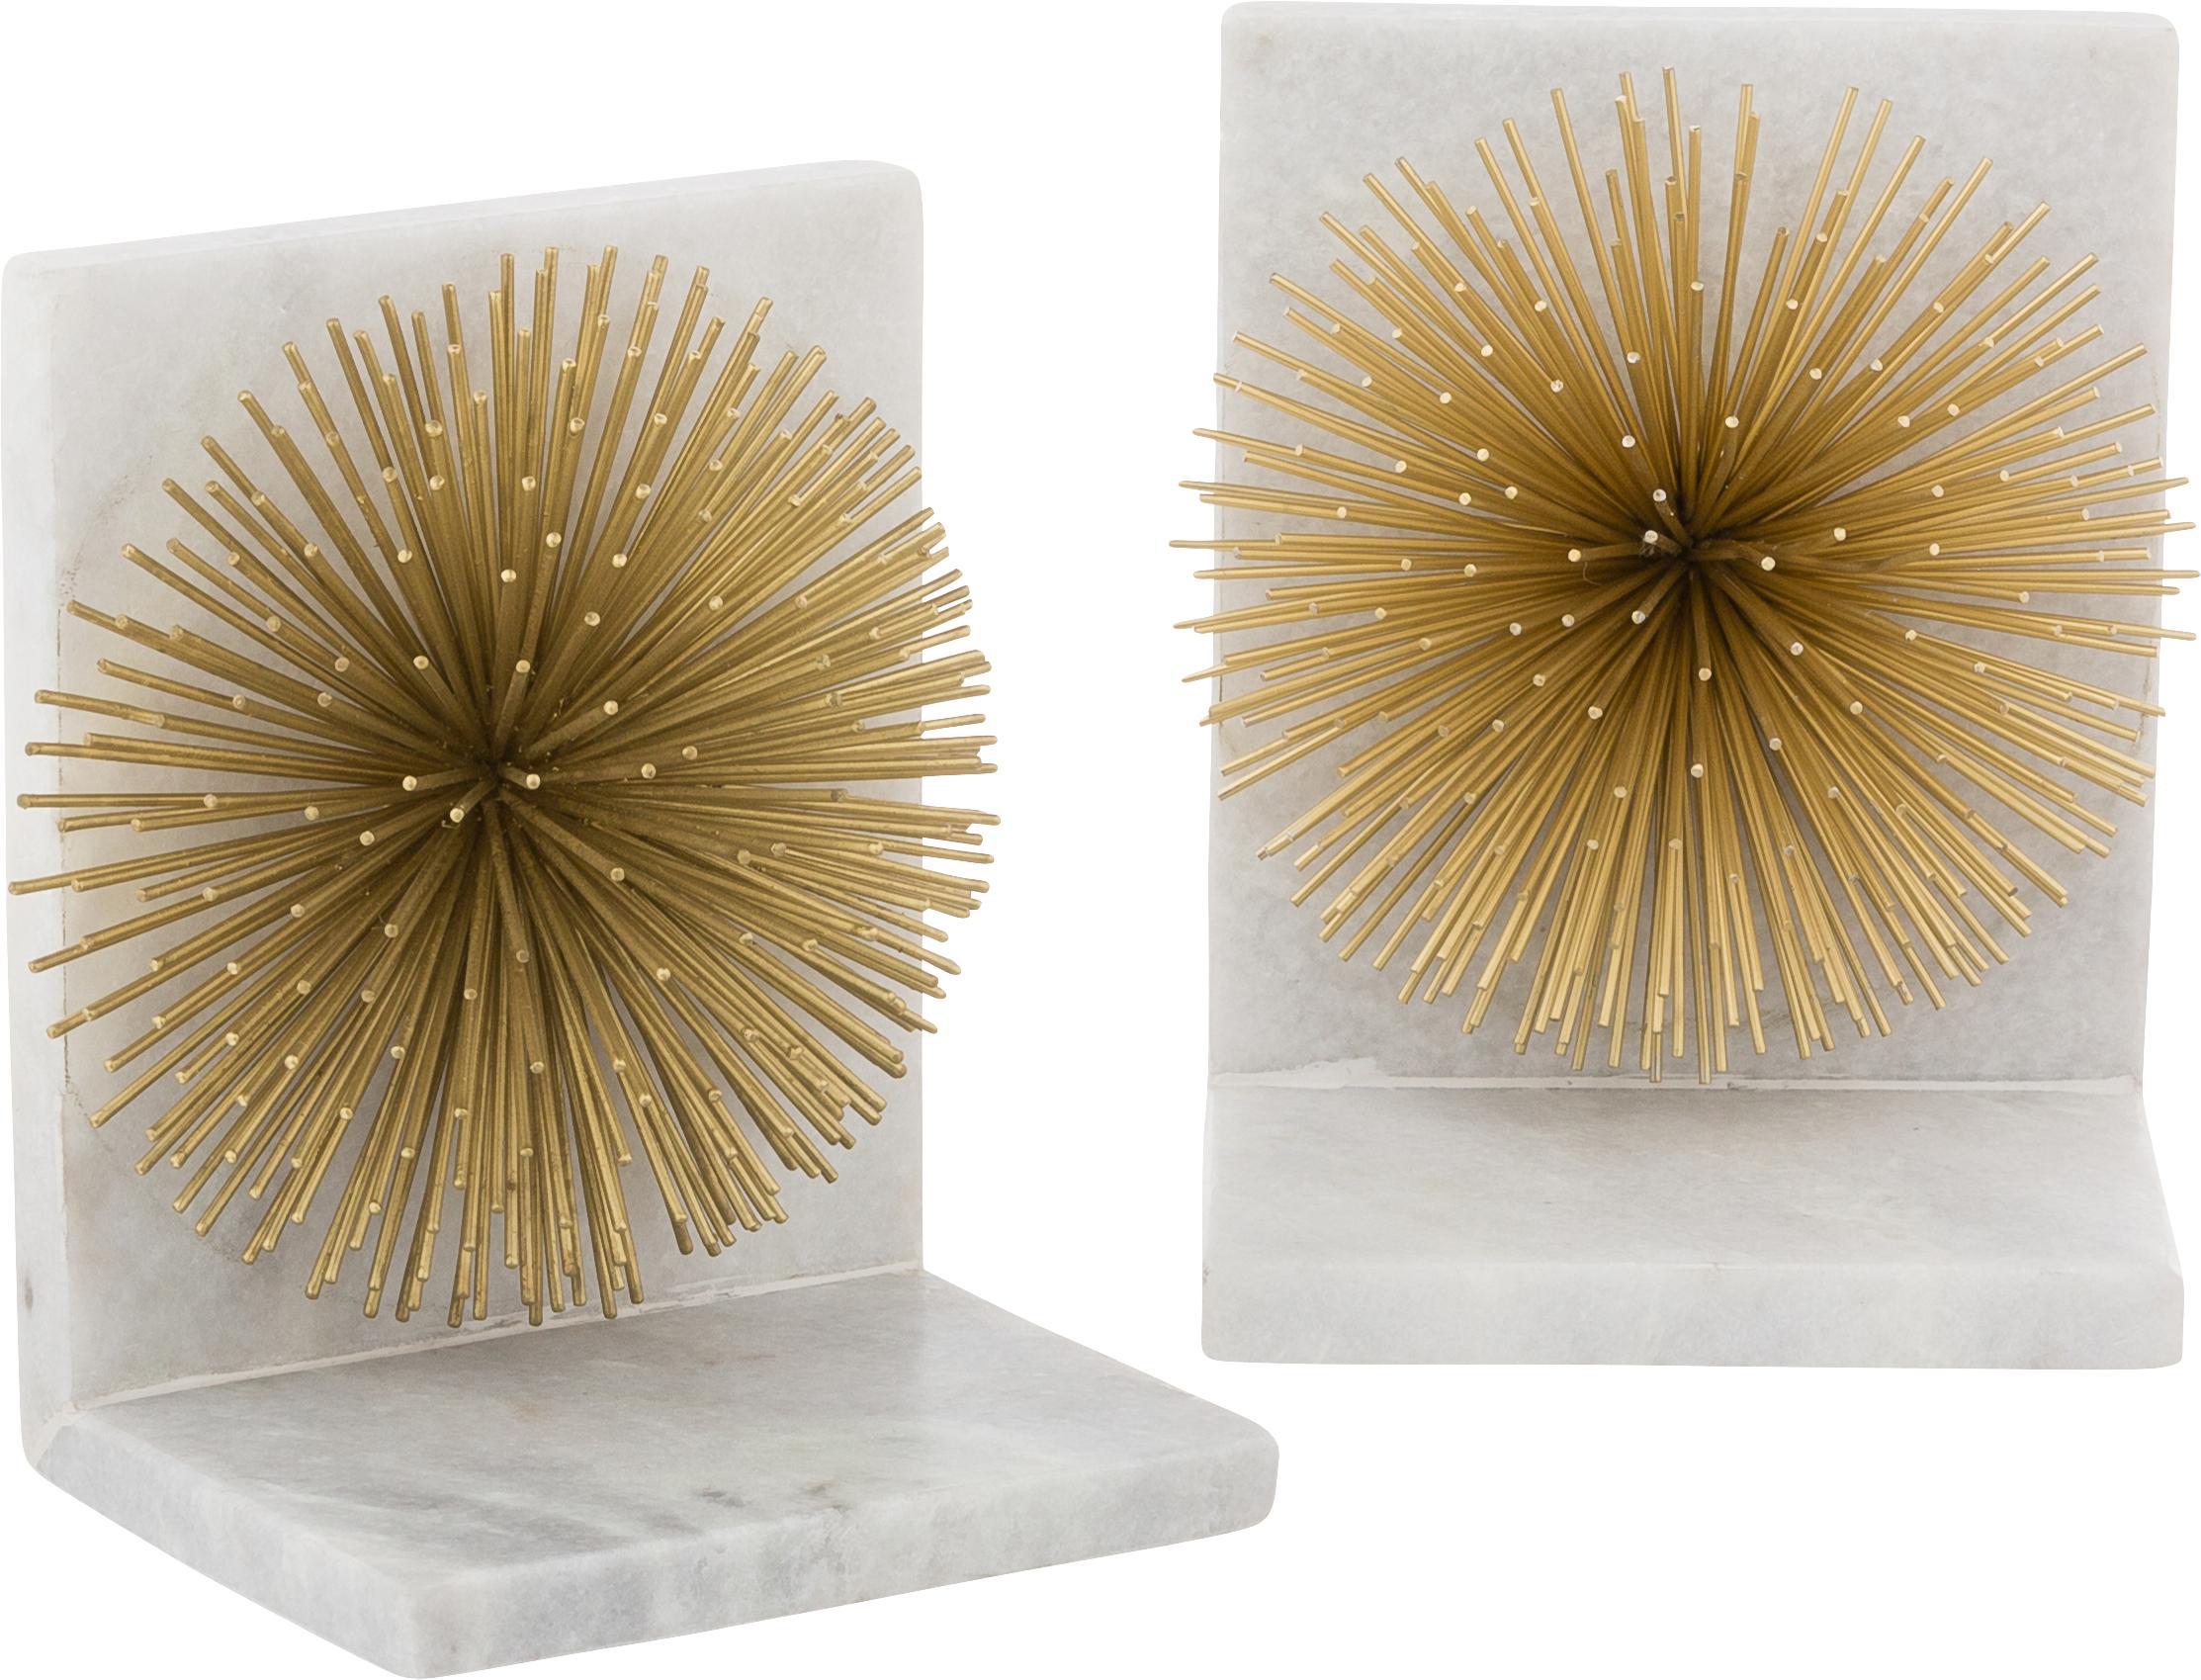 Sujetalibros Marburch, 2uds., Figura: dorada, Parte inferior: fieltro, Sujetalibros: mármol blanco Figura: dorada, An 14 x Al 17 cm